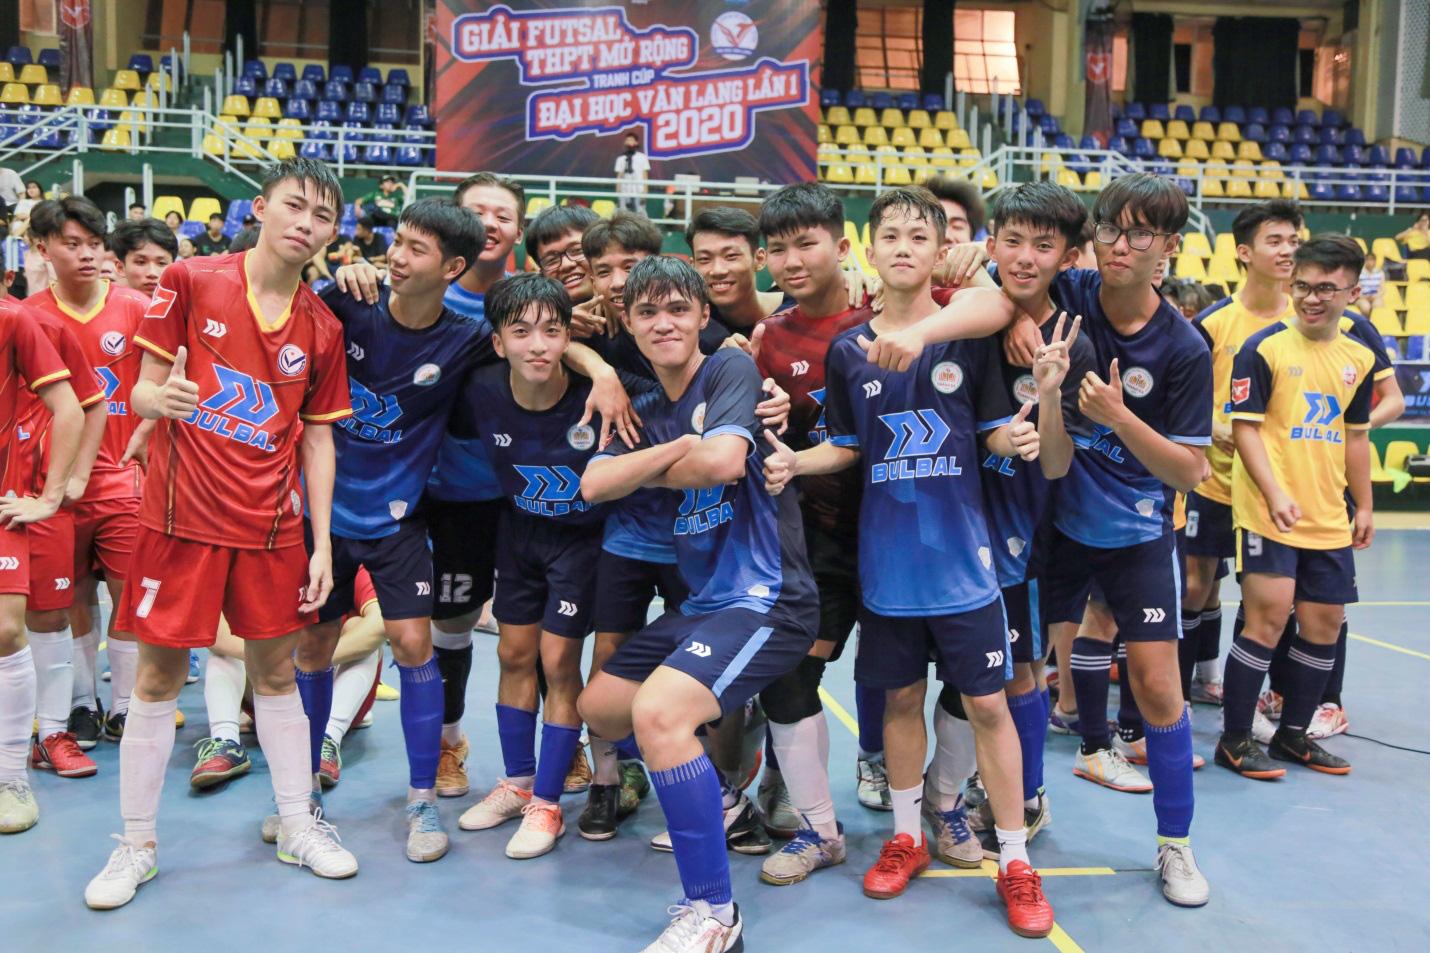 THPT Thanh Đa vô địch Giải Futsal học sinh THPT mở rộng tranh cúp ĐH Văn Lang năm 2020 - Ảnh 5.